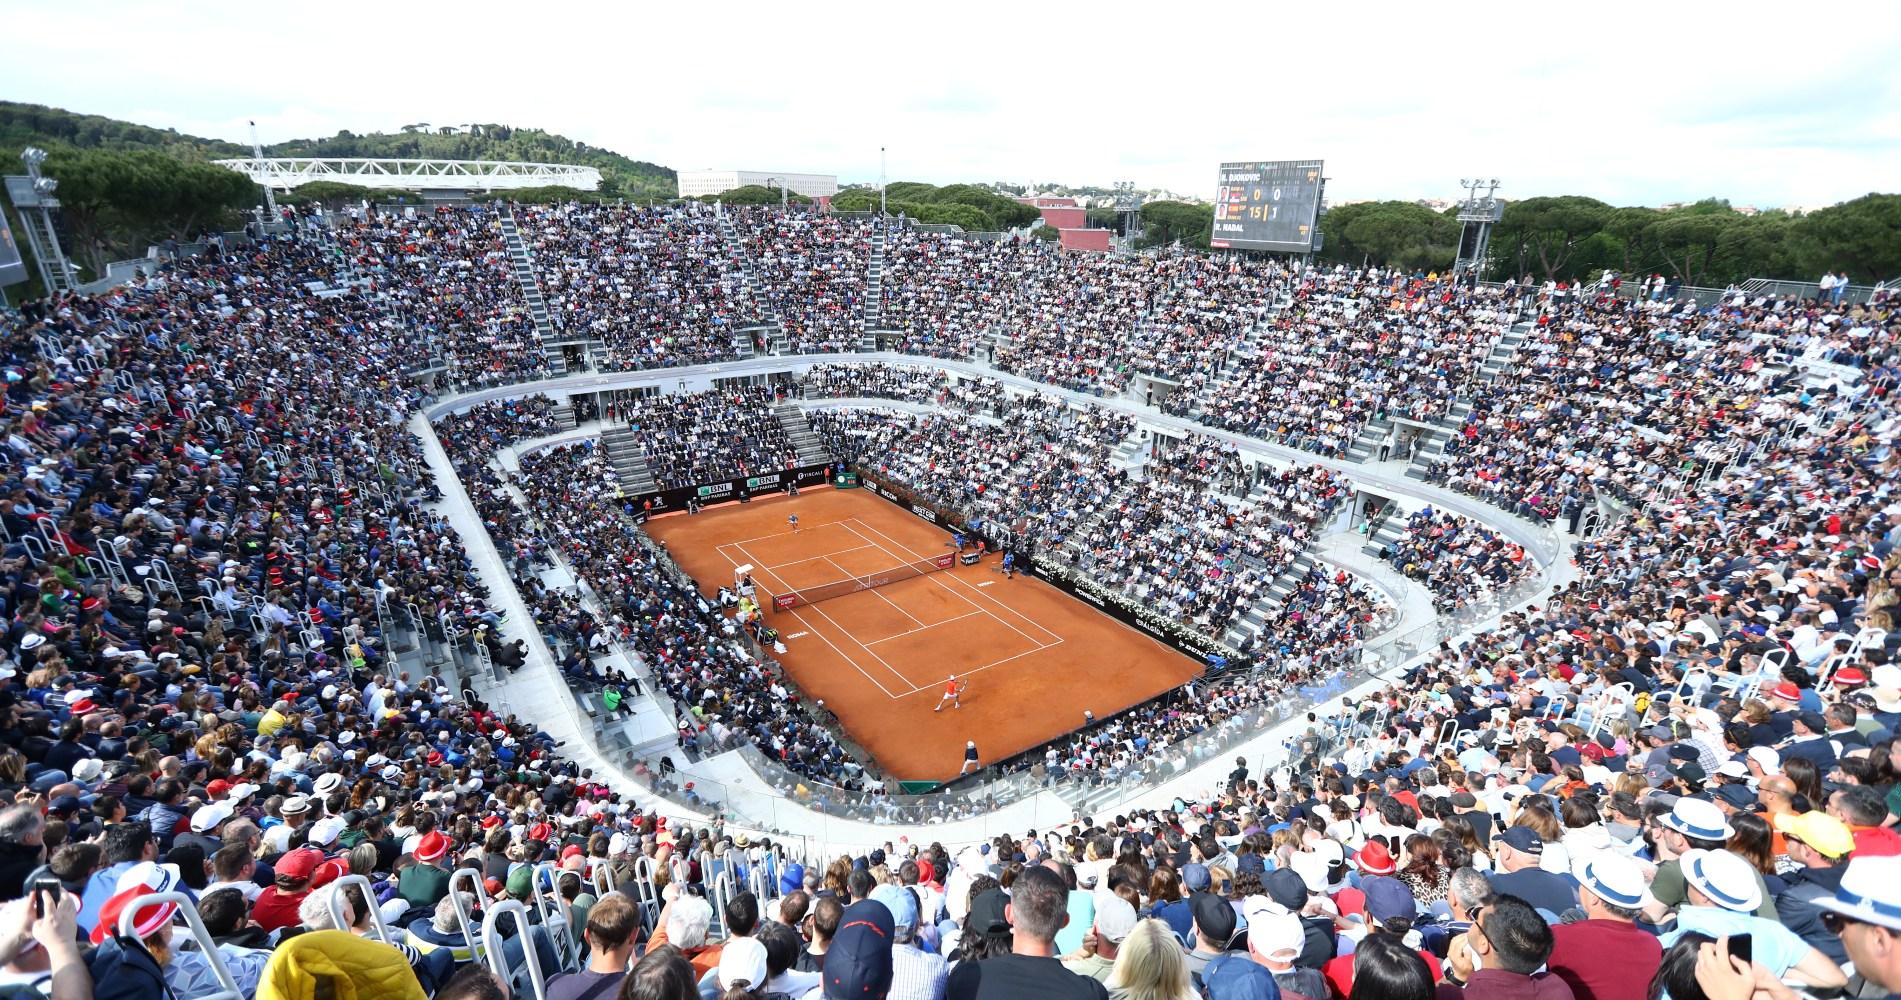 Le court central de Rome peut accueillir 10 500 spectateurs.